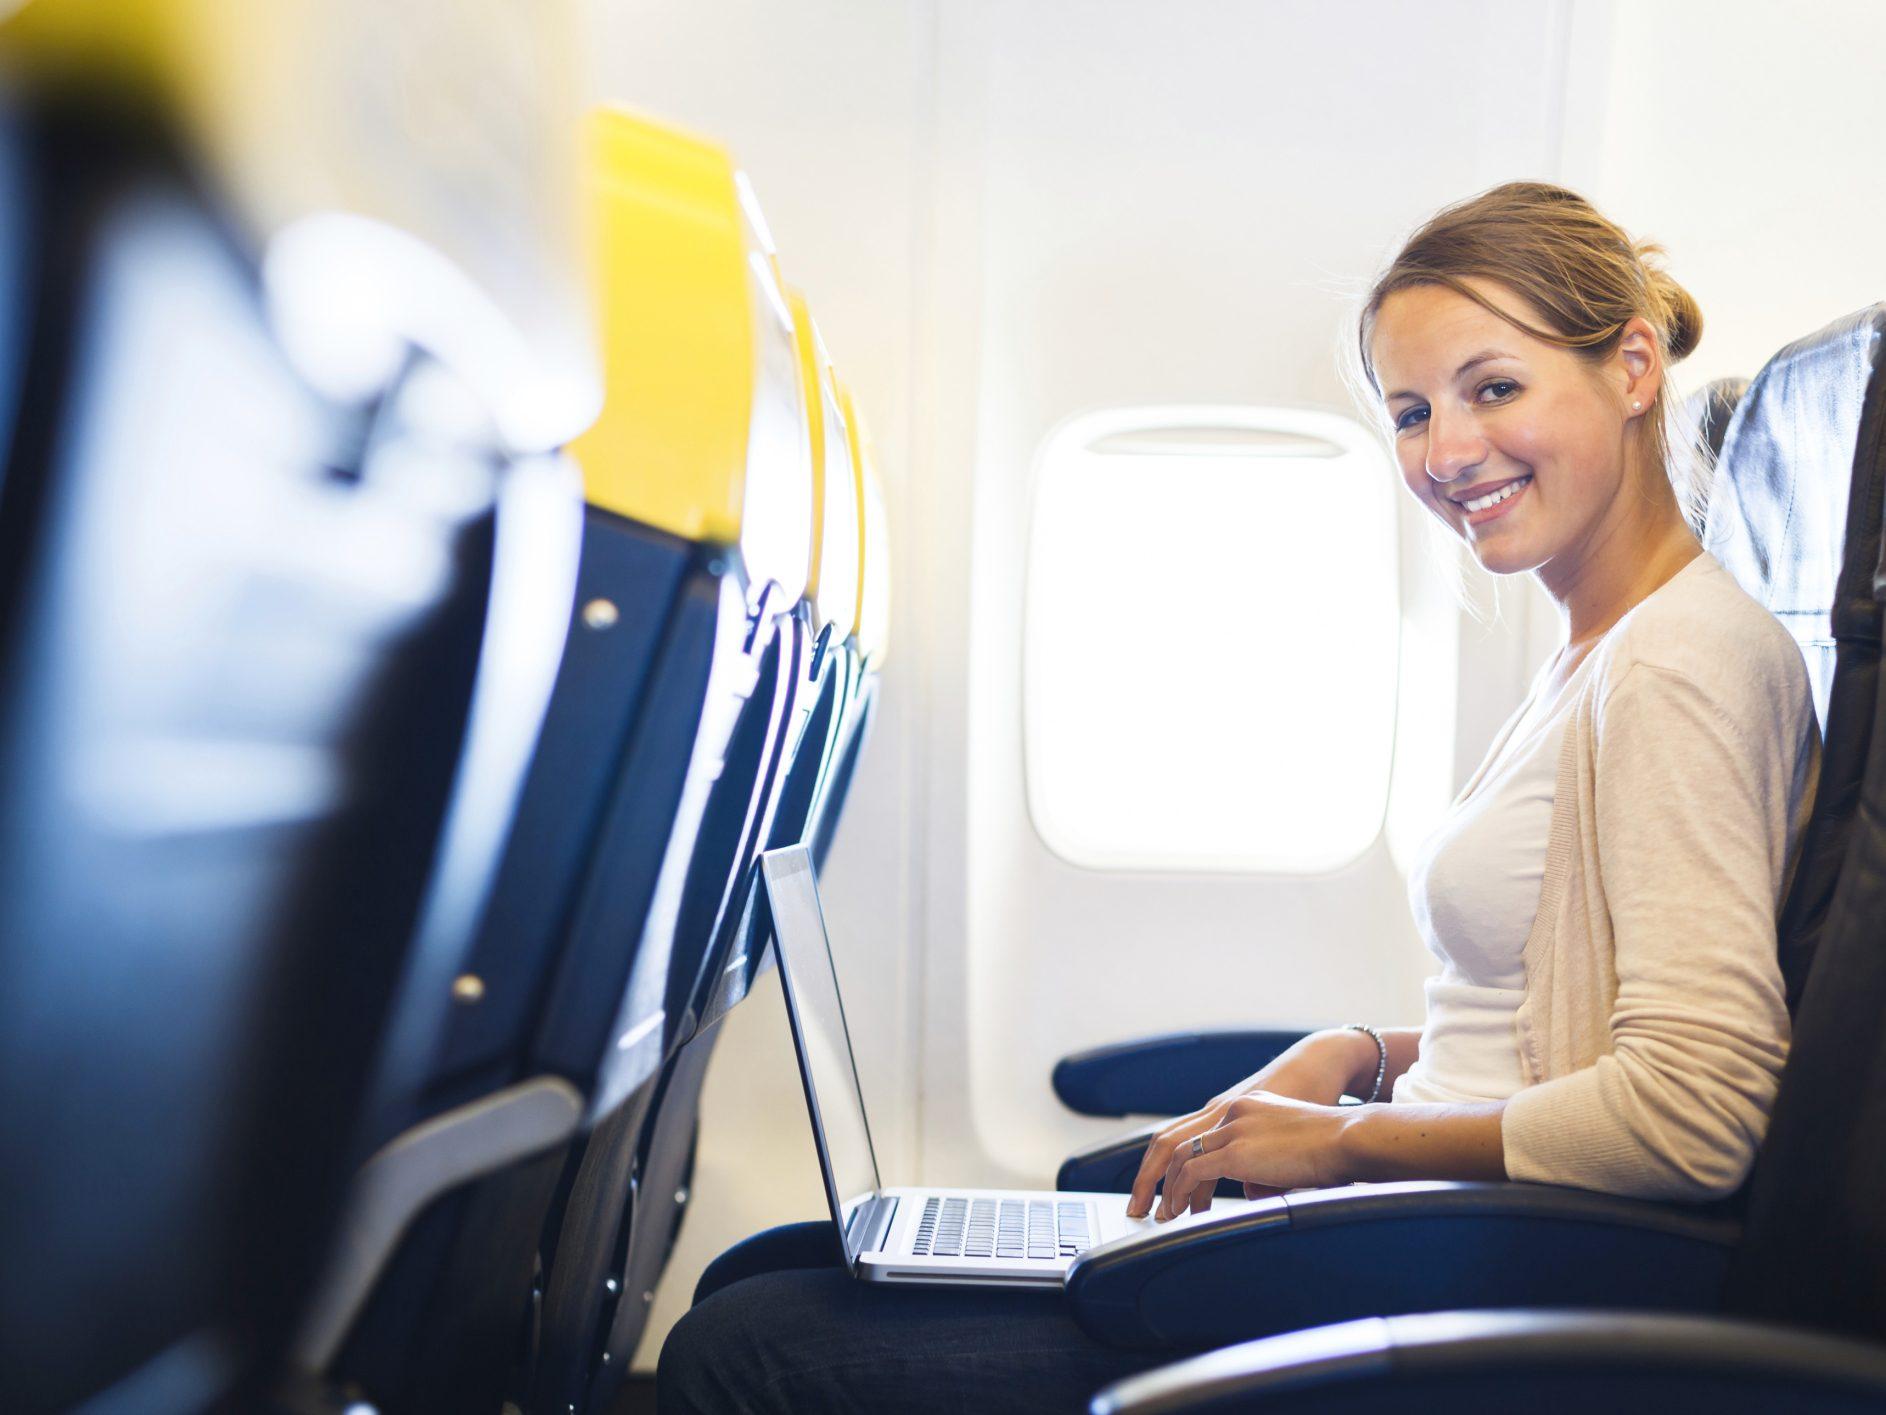 L'air d'une cabine d'avion est plus pur que ce que vous ne pensez